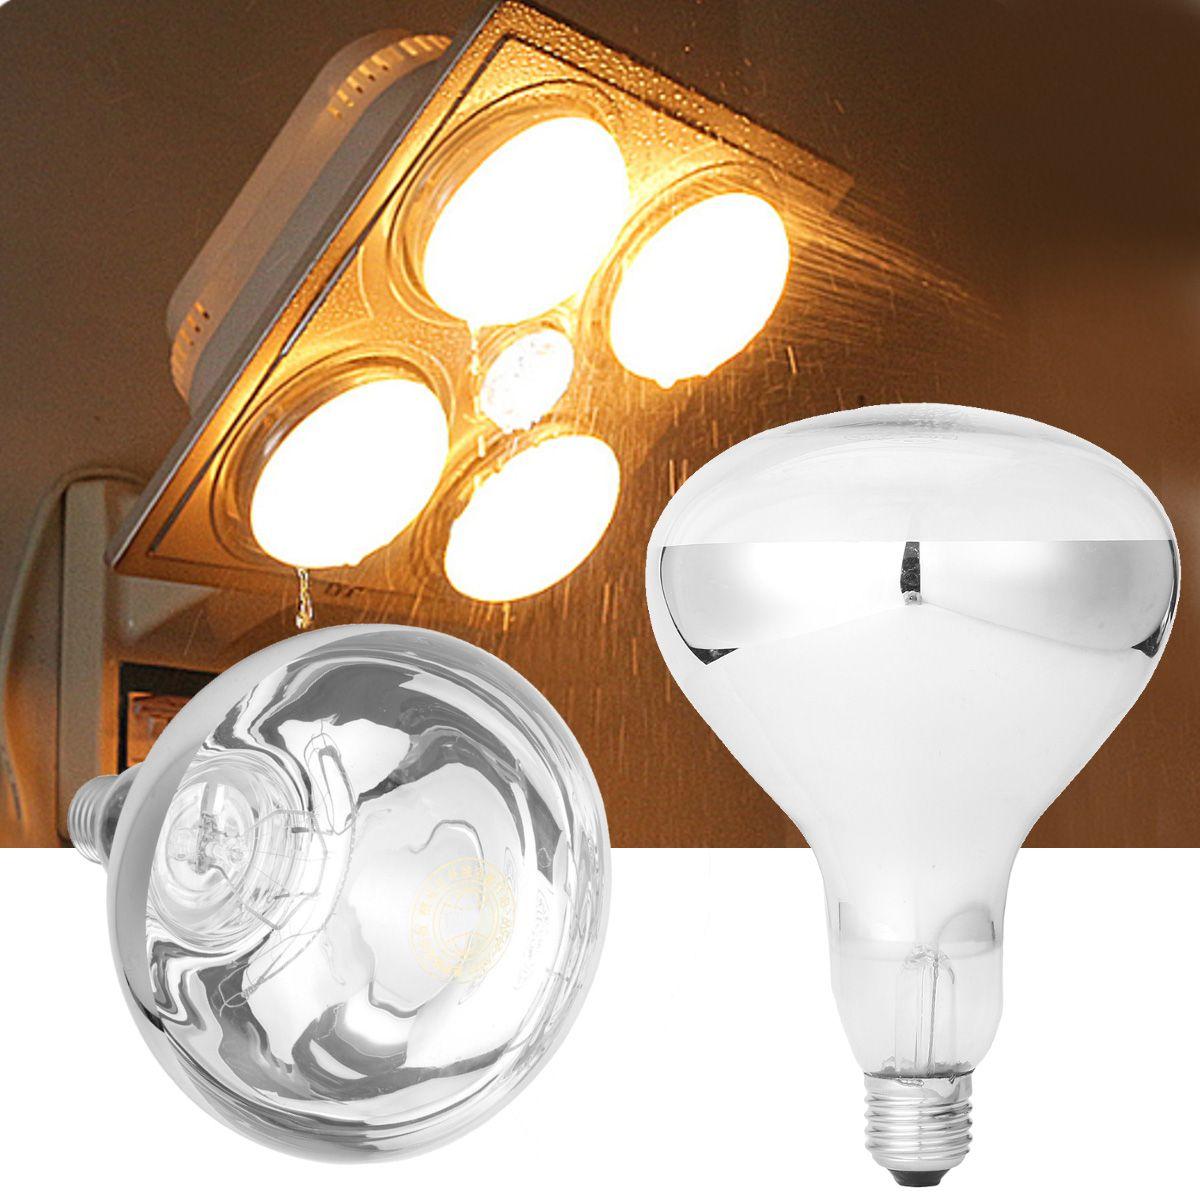 E27 275w Infrared Heat Bulb For Ceiling Exhaust Fan Bathroom Heater Ac220v Bathroom Heater Ceiling Exhaust Fan Led Light Bulbs